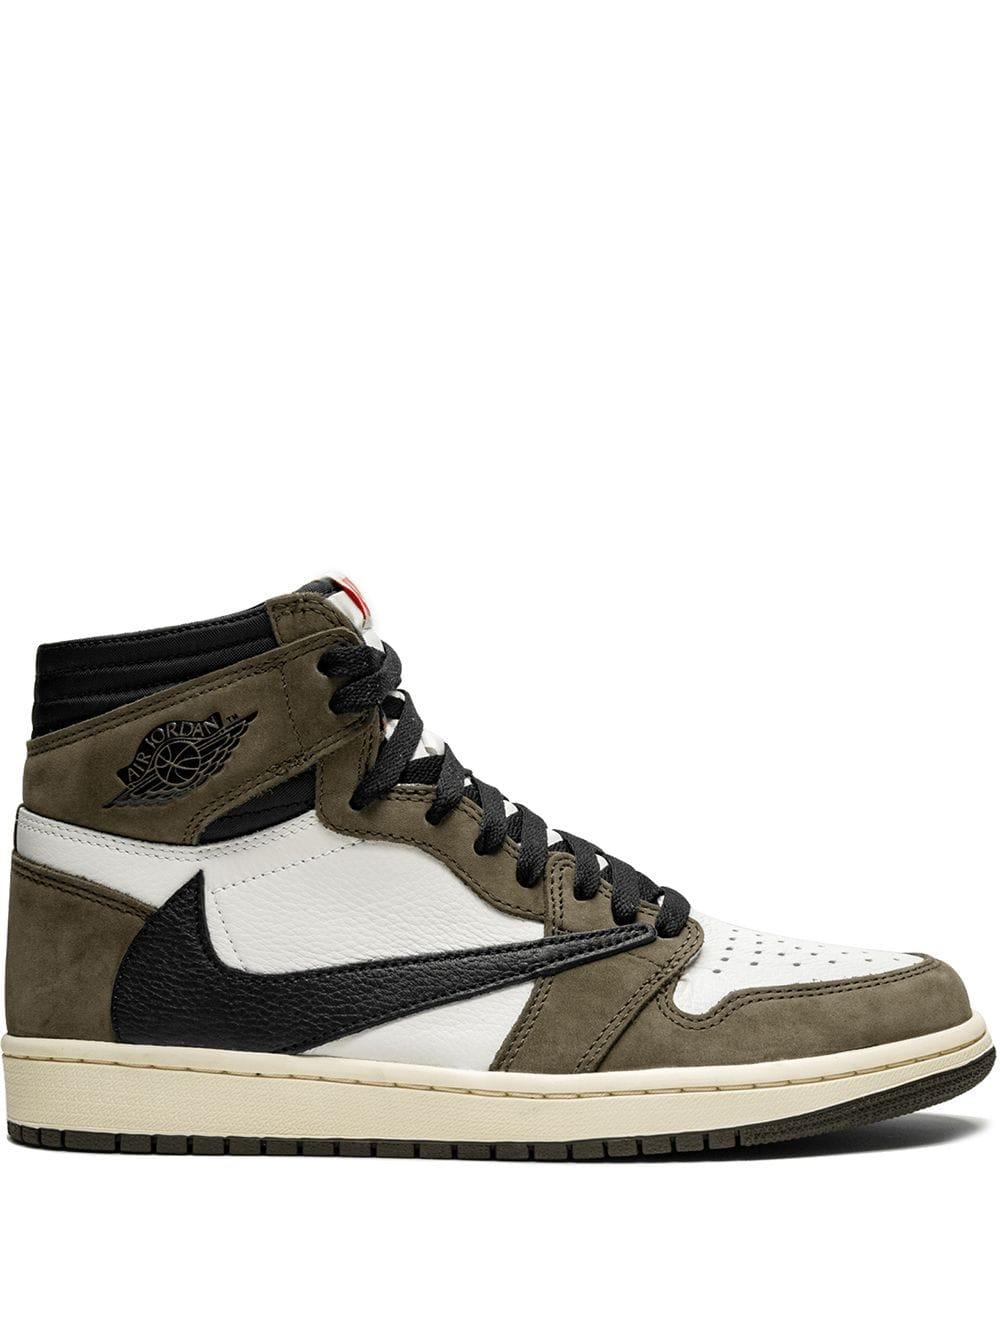 Travis scott shoes, Air jordans